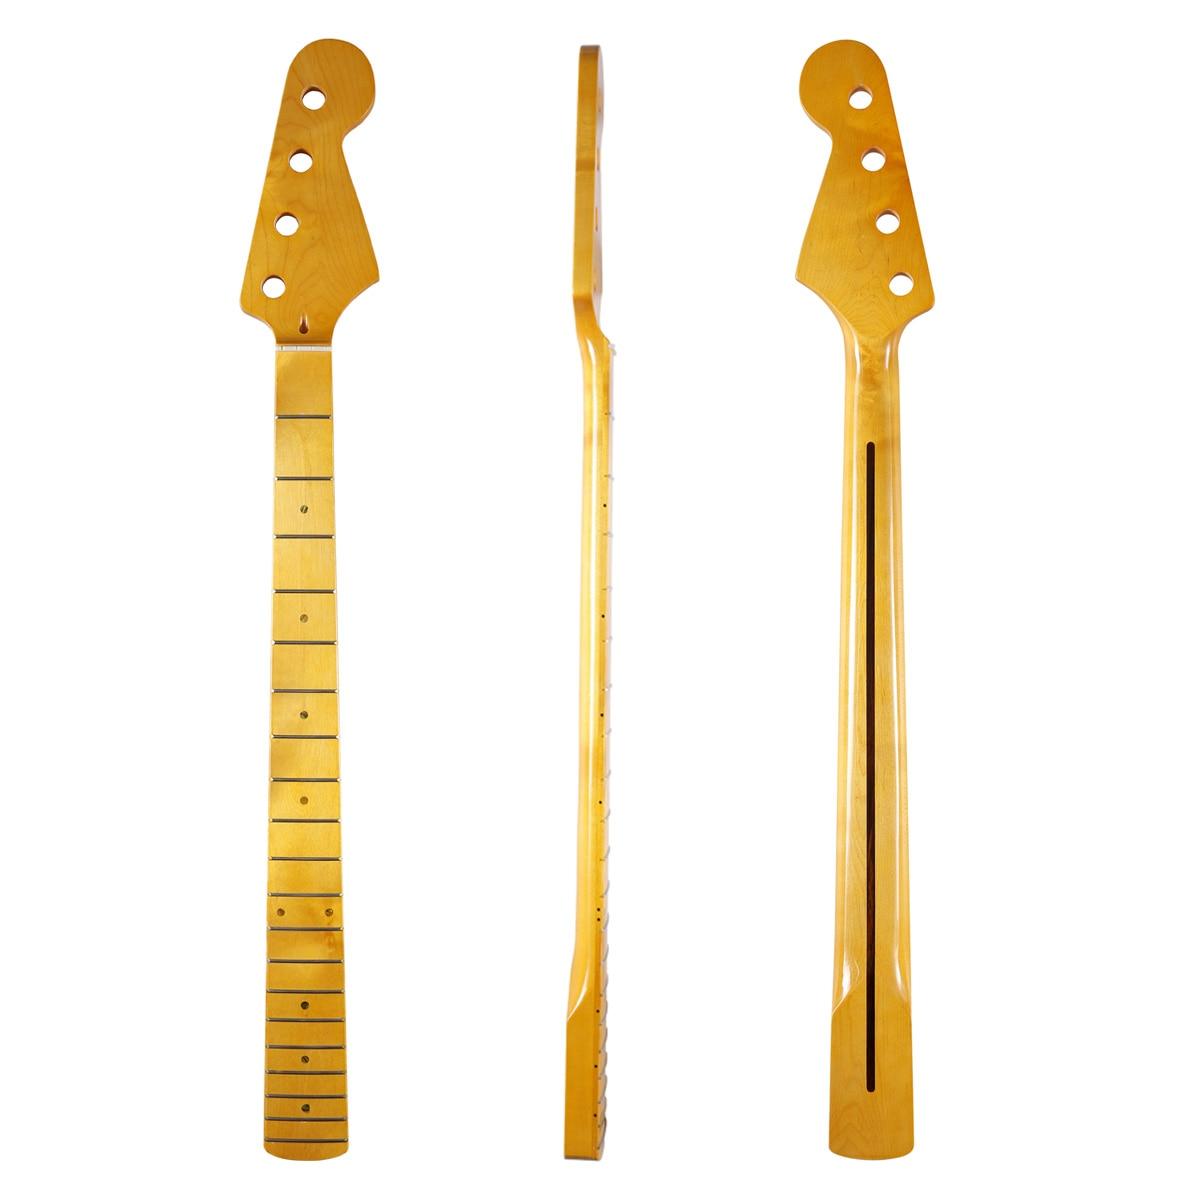 KAISH 20 frette guitare basse 4 cordes P manche érable canadien avec incrustation de coquille d'ormeau et écrou d'os pour basse de précision